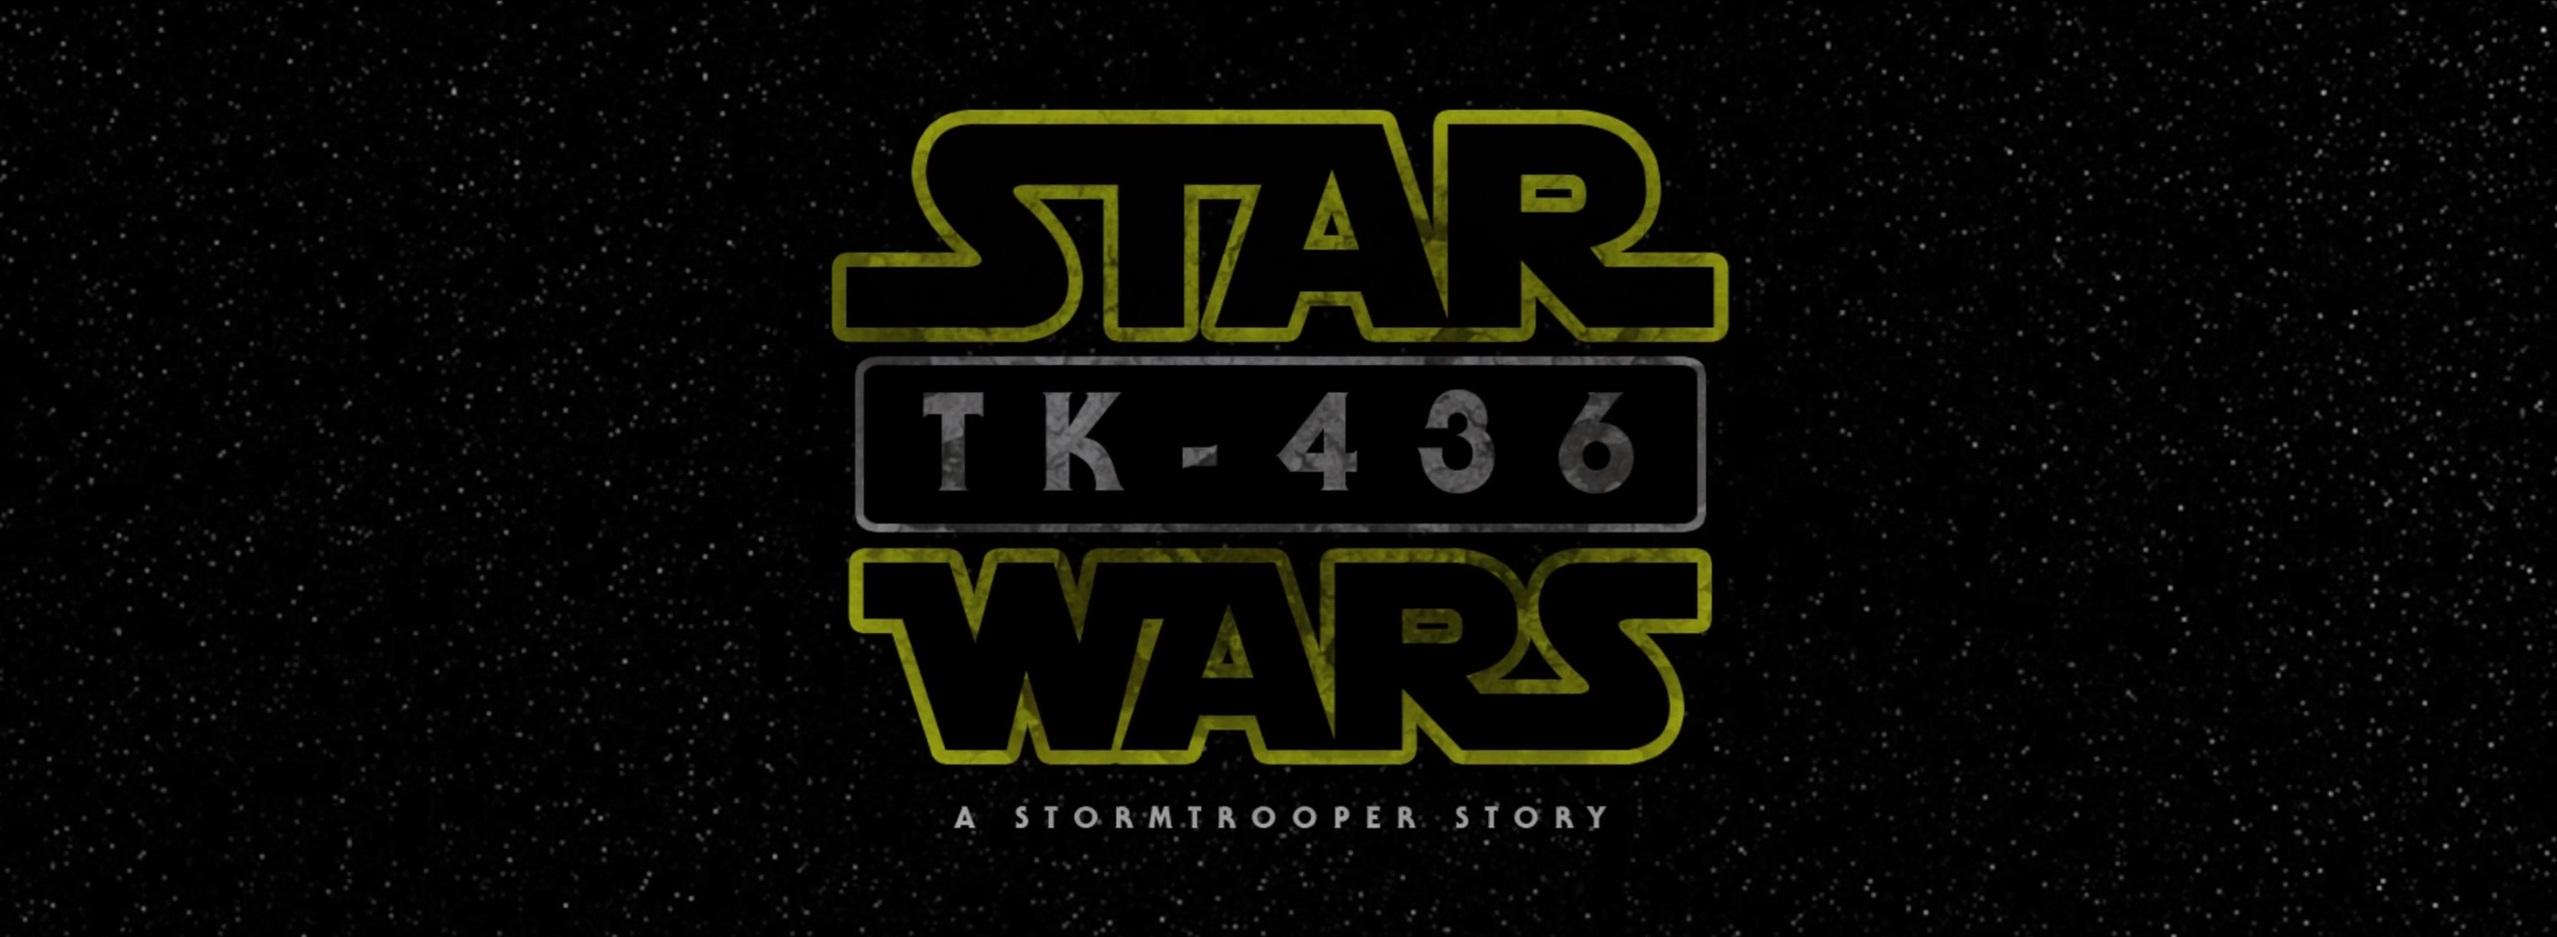 TK-436: A Stormtrooper Story – Star Wars Fan Film